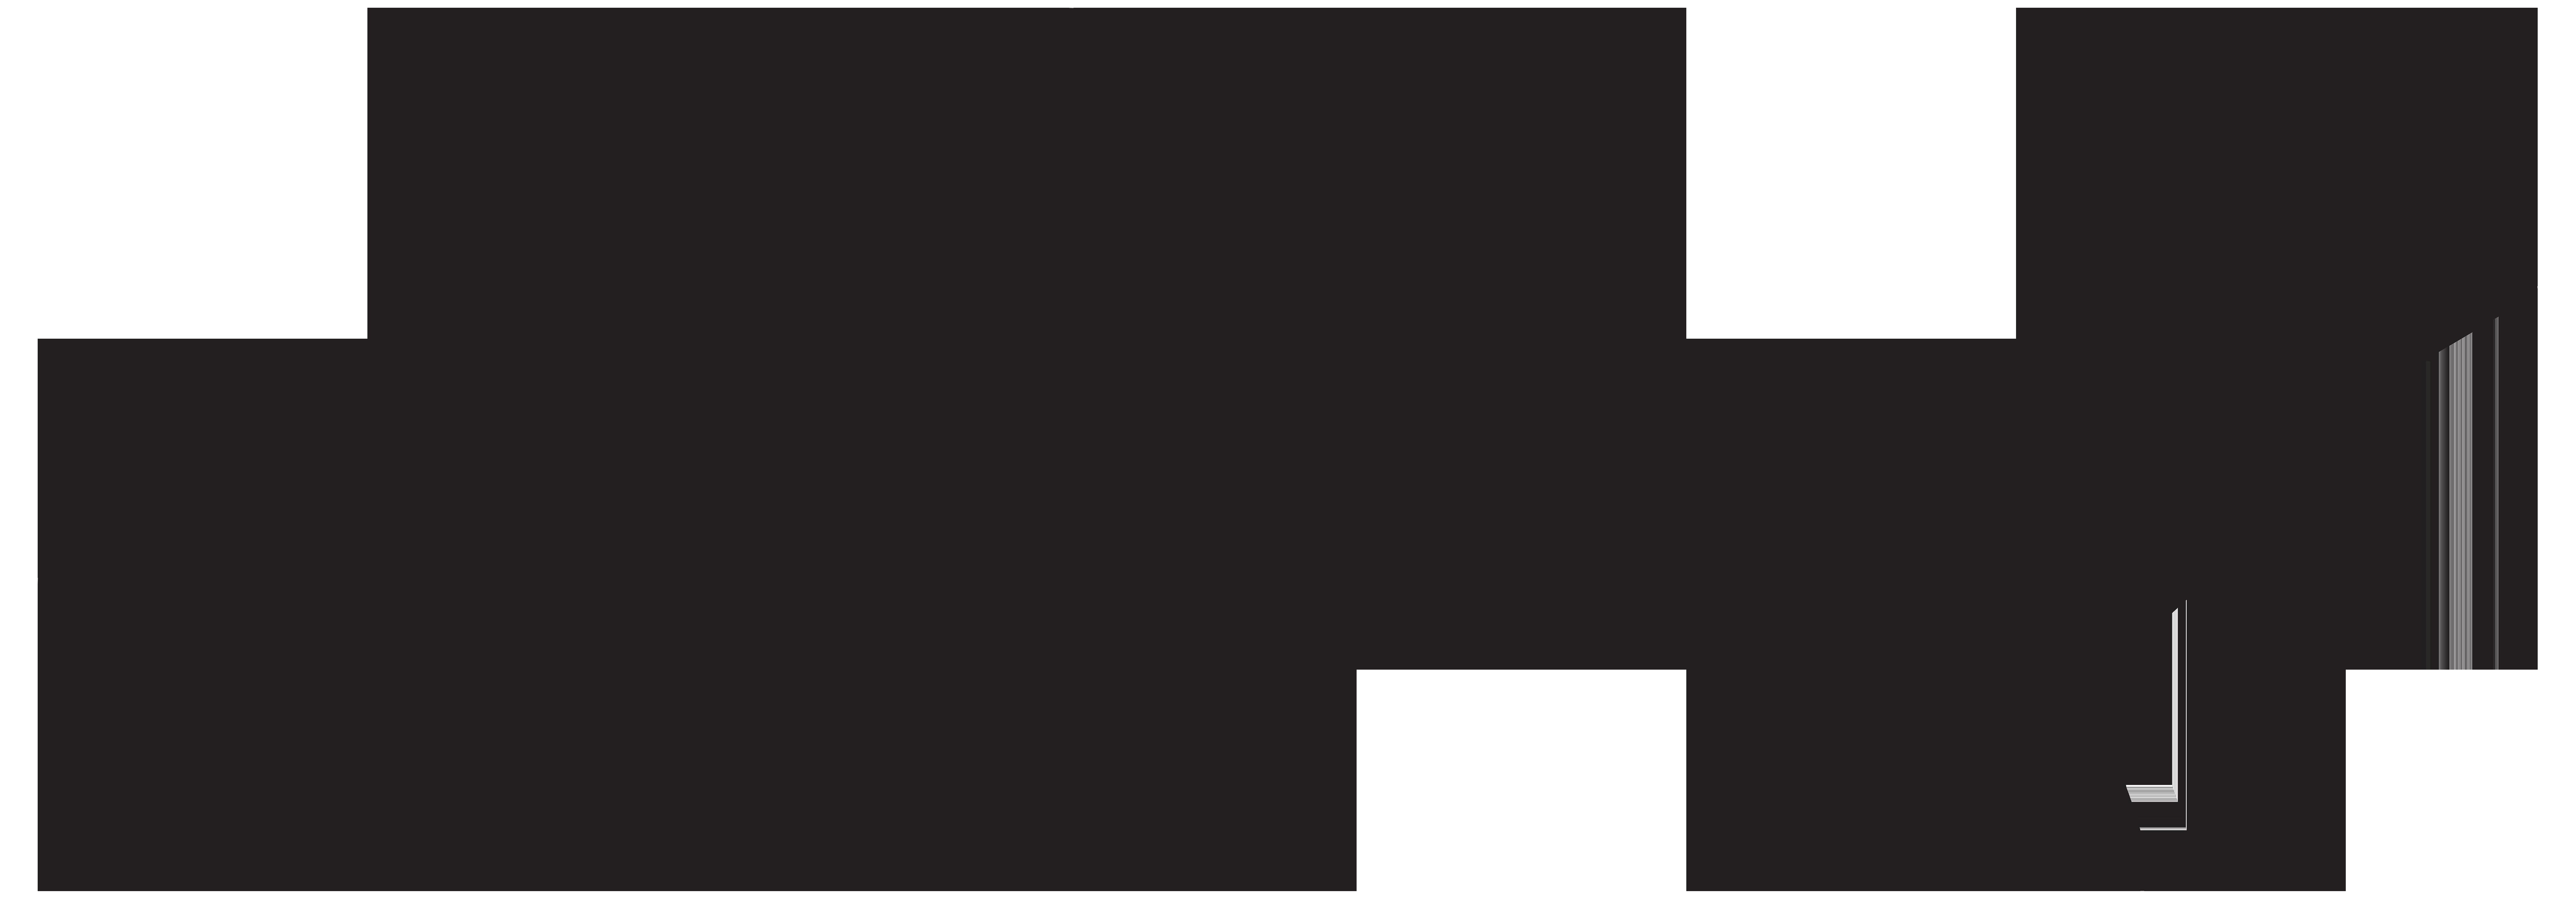 8000x2808 Shark Silhouette PNG Clip Art Imageu200b Gallery Yopriceville